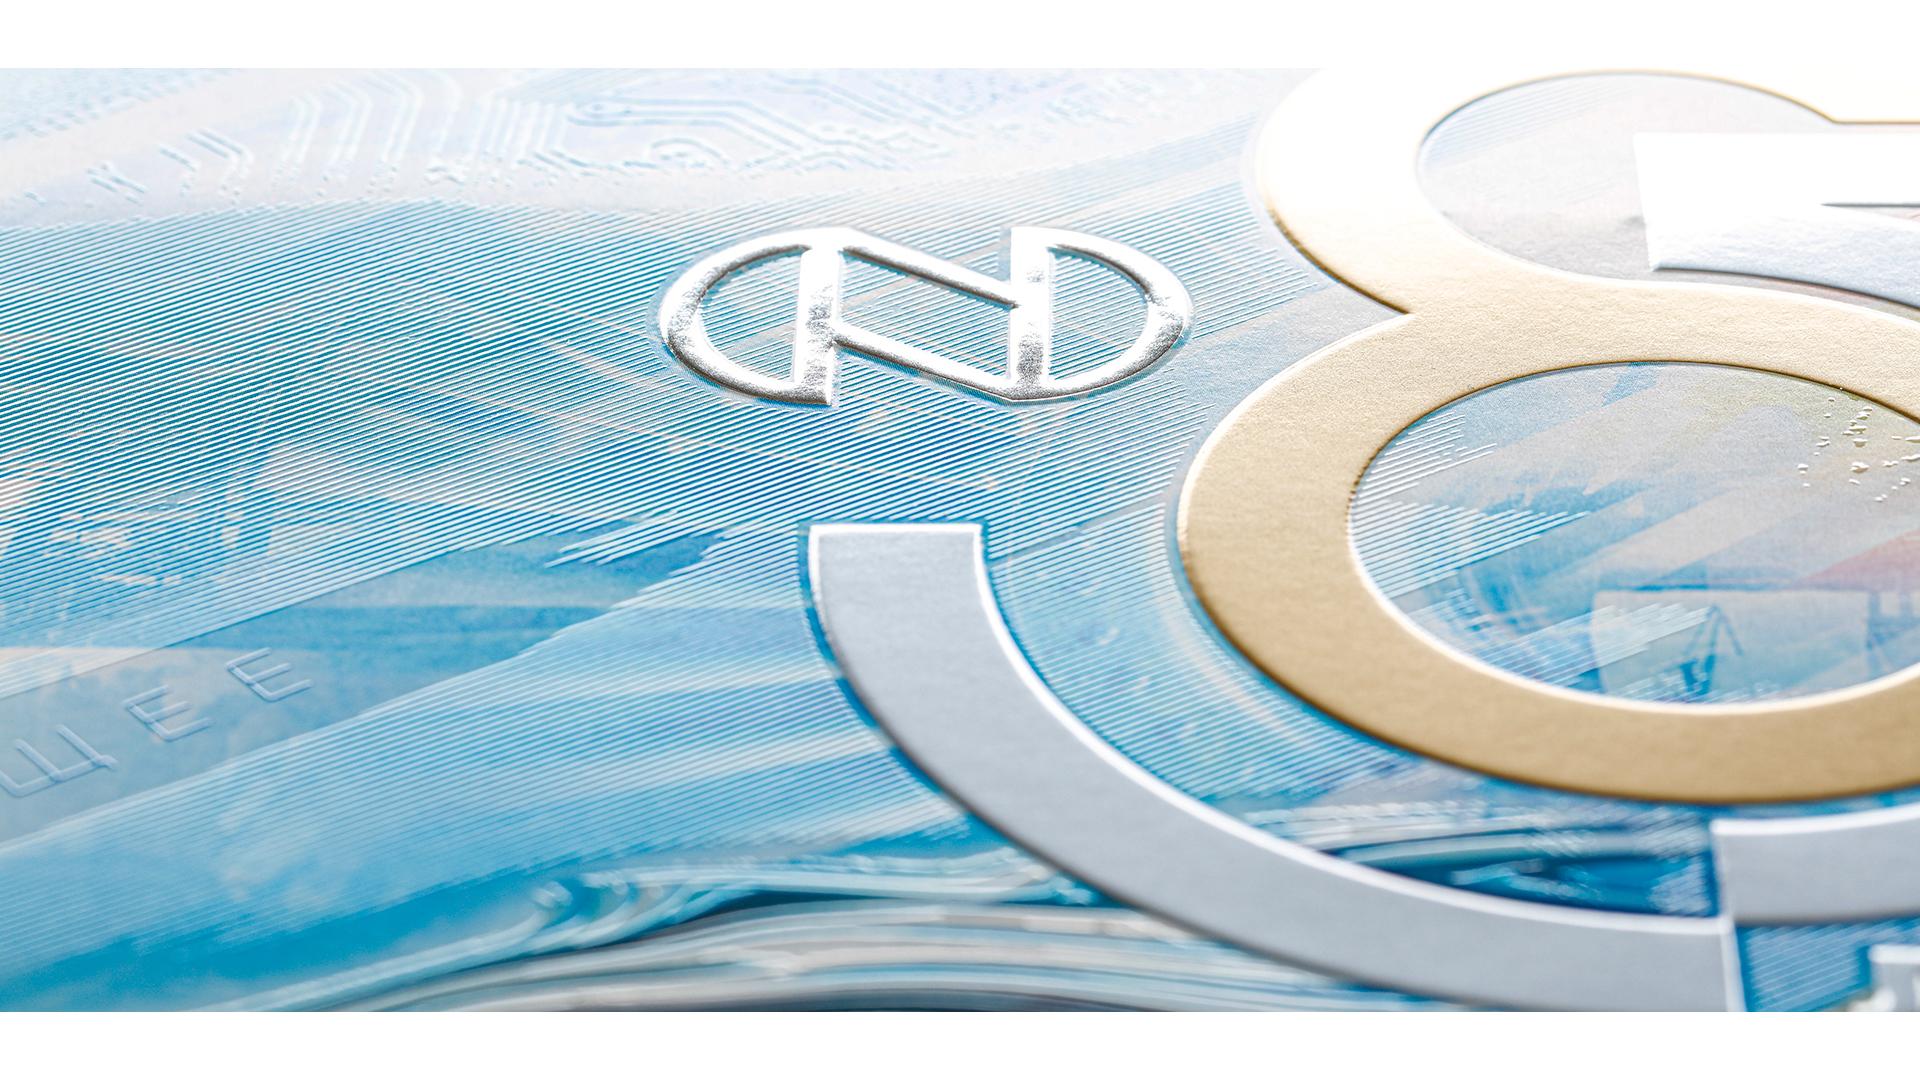 Президент Владимир Путин подписал указ о присвоении 35 сотрудникам предприятий группы «Норникель» государственных наград